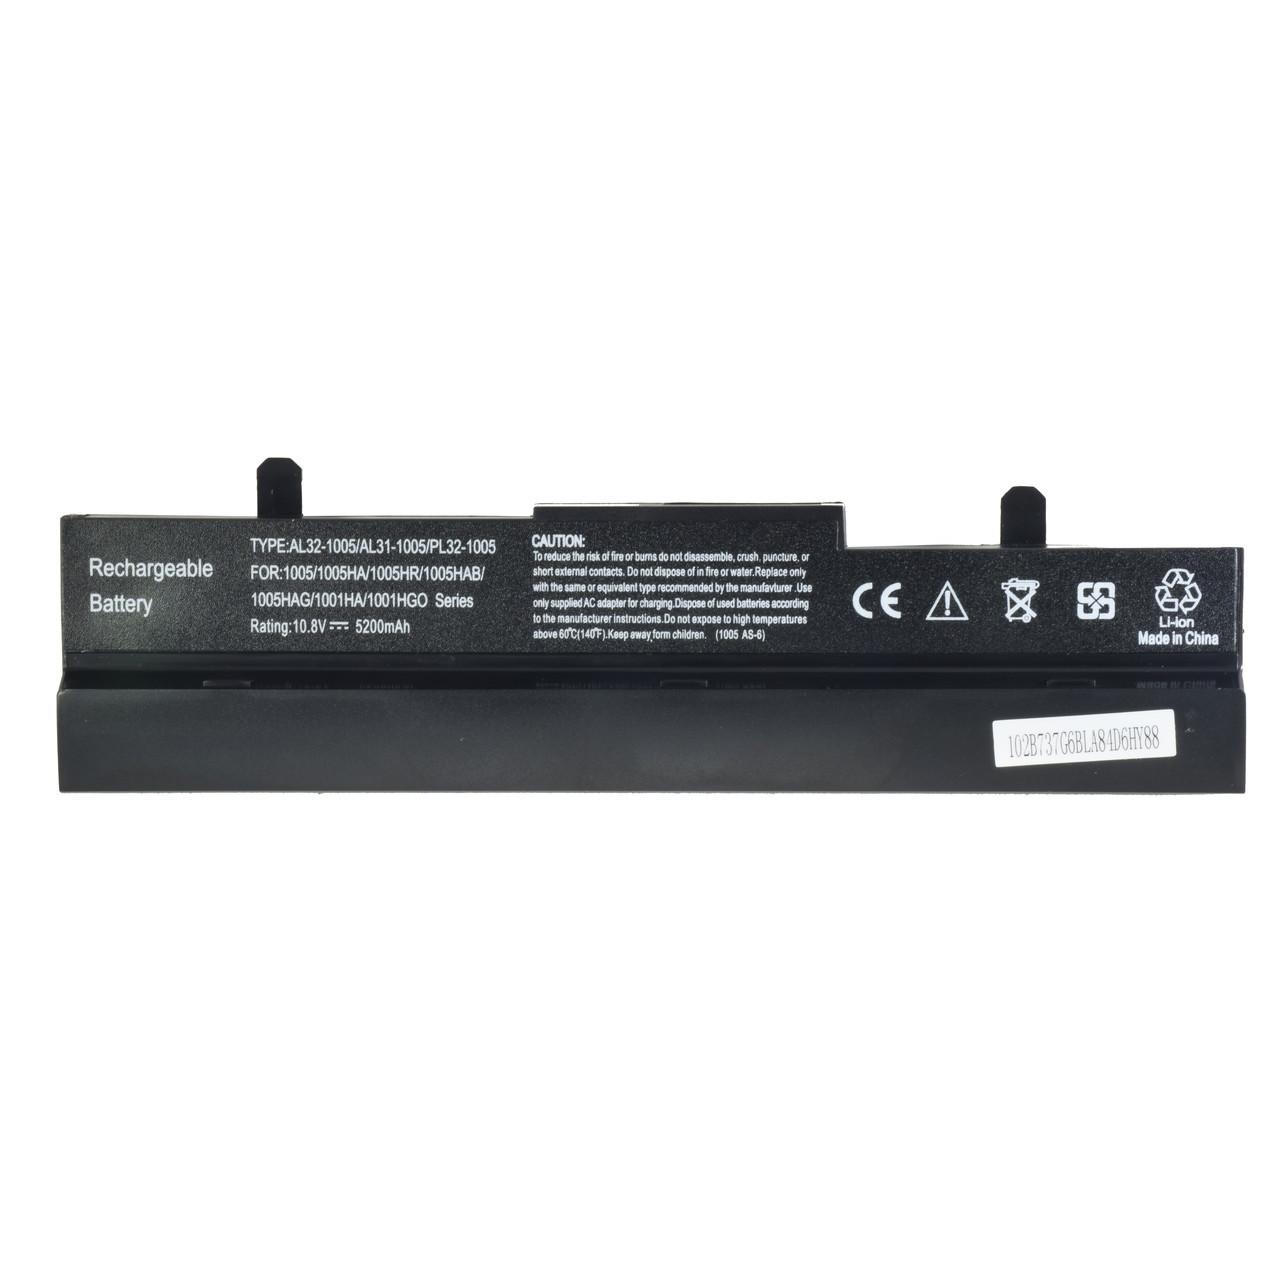 Батарея для ноутбука ASUS Eee PC  A32-1005 A31-1005 90-OA001B9000 90-OA001B9100 90-XB0ROABT00000Q